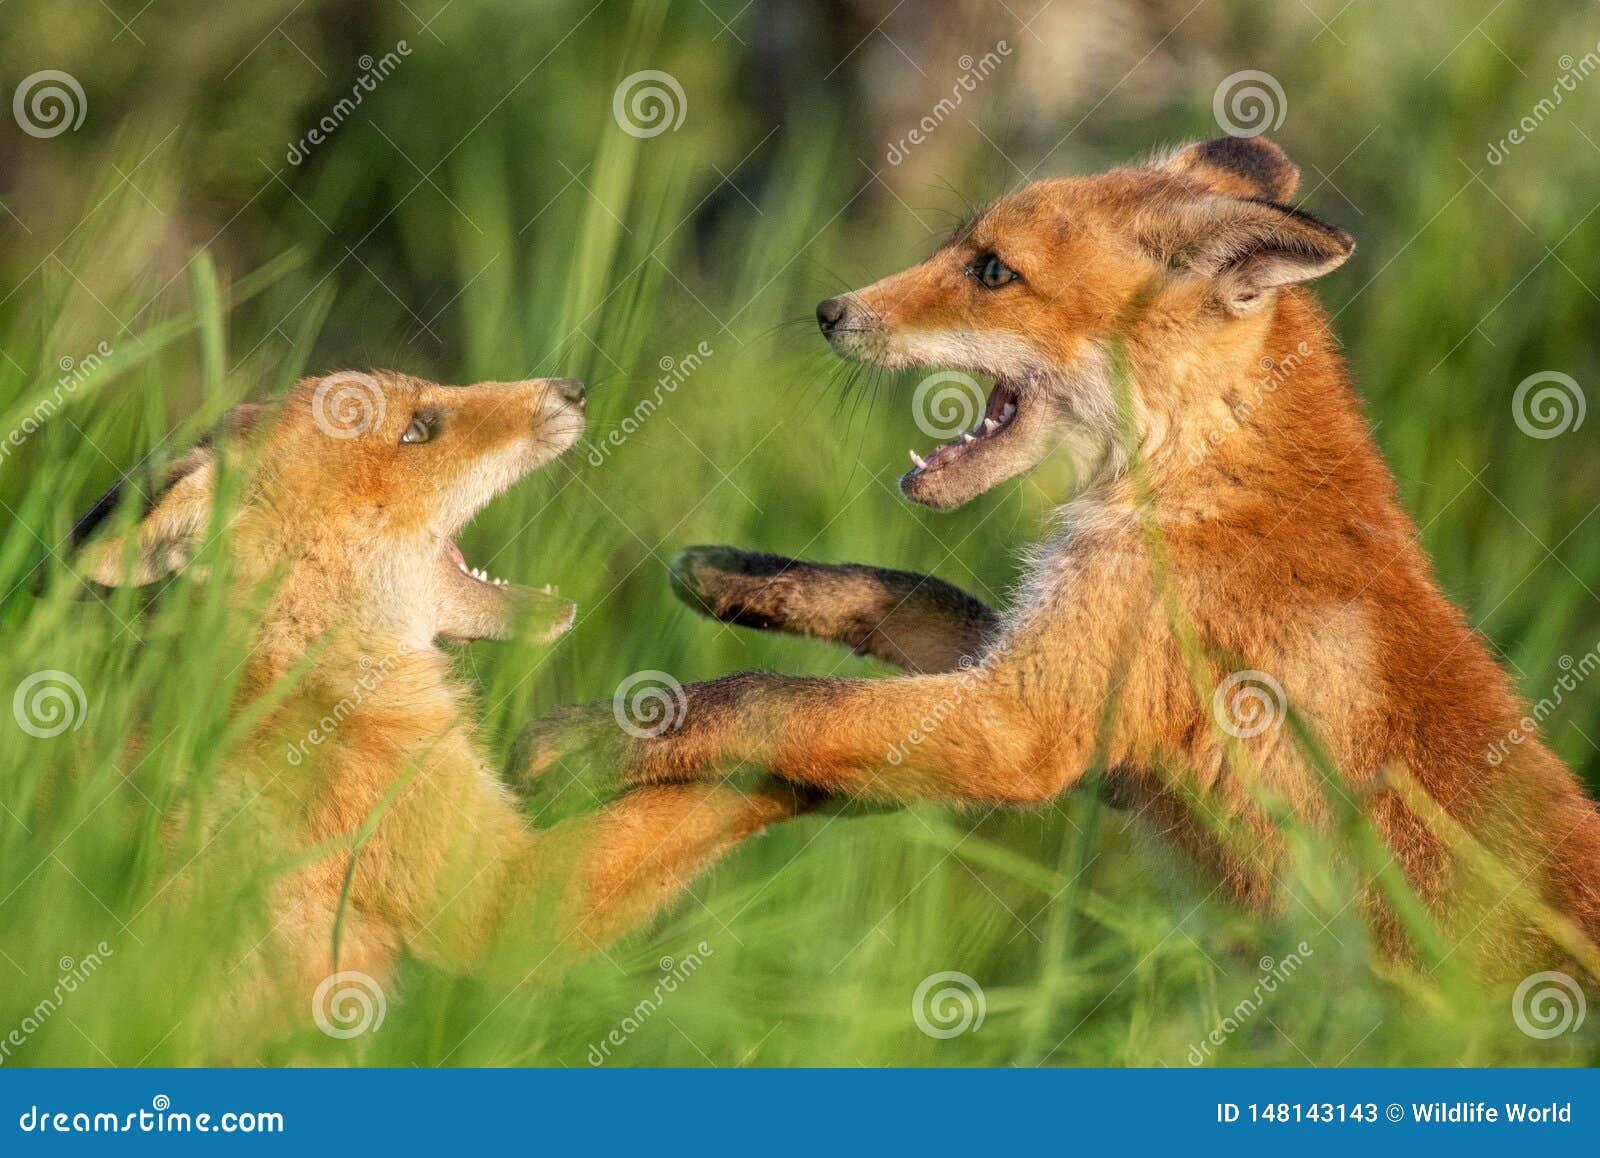 Fox-Junge Zwei junge rote Füchse, die im Gras spielen